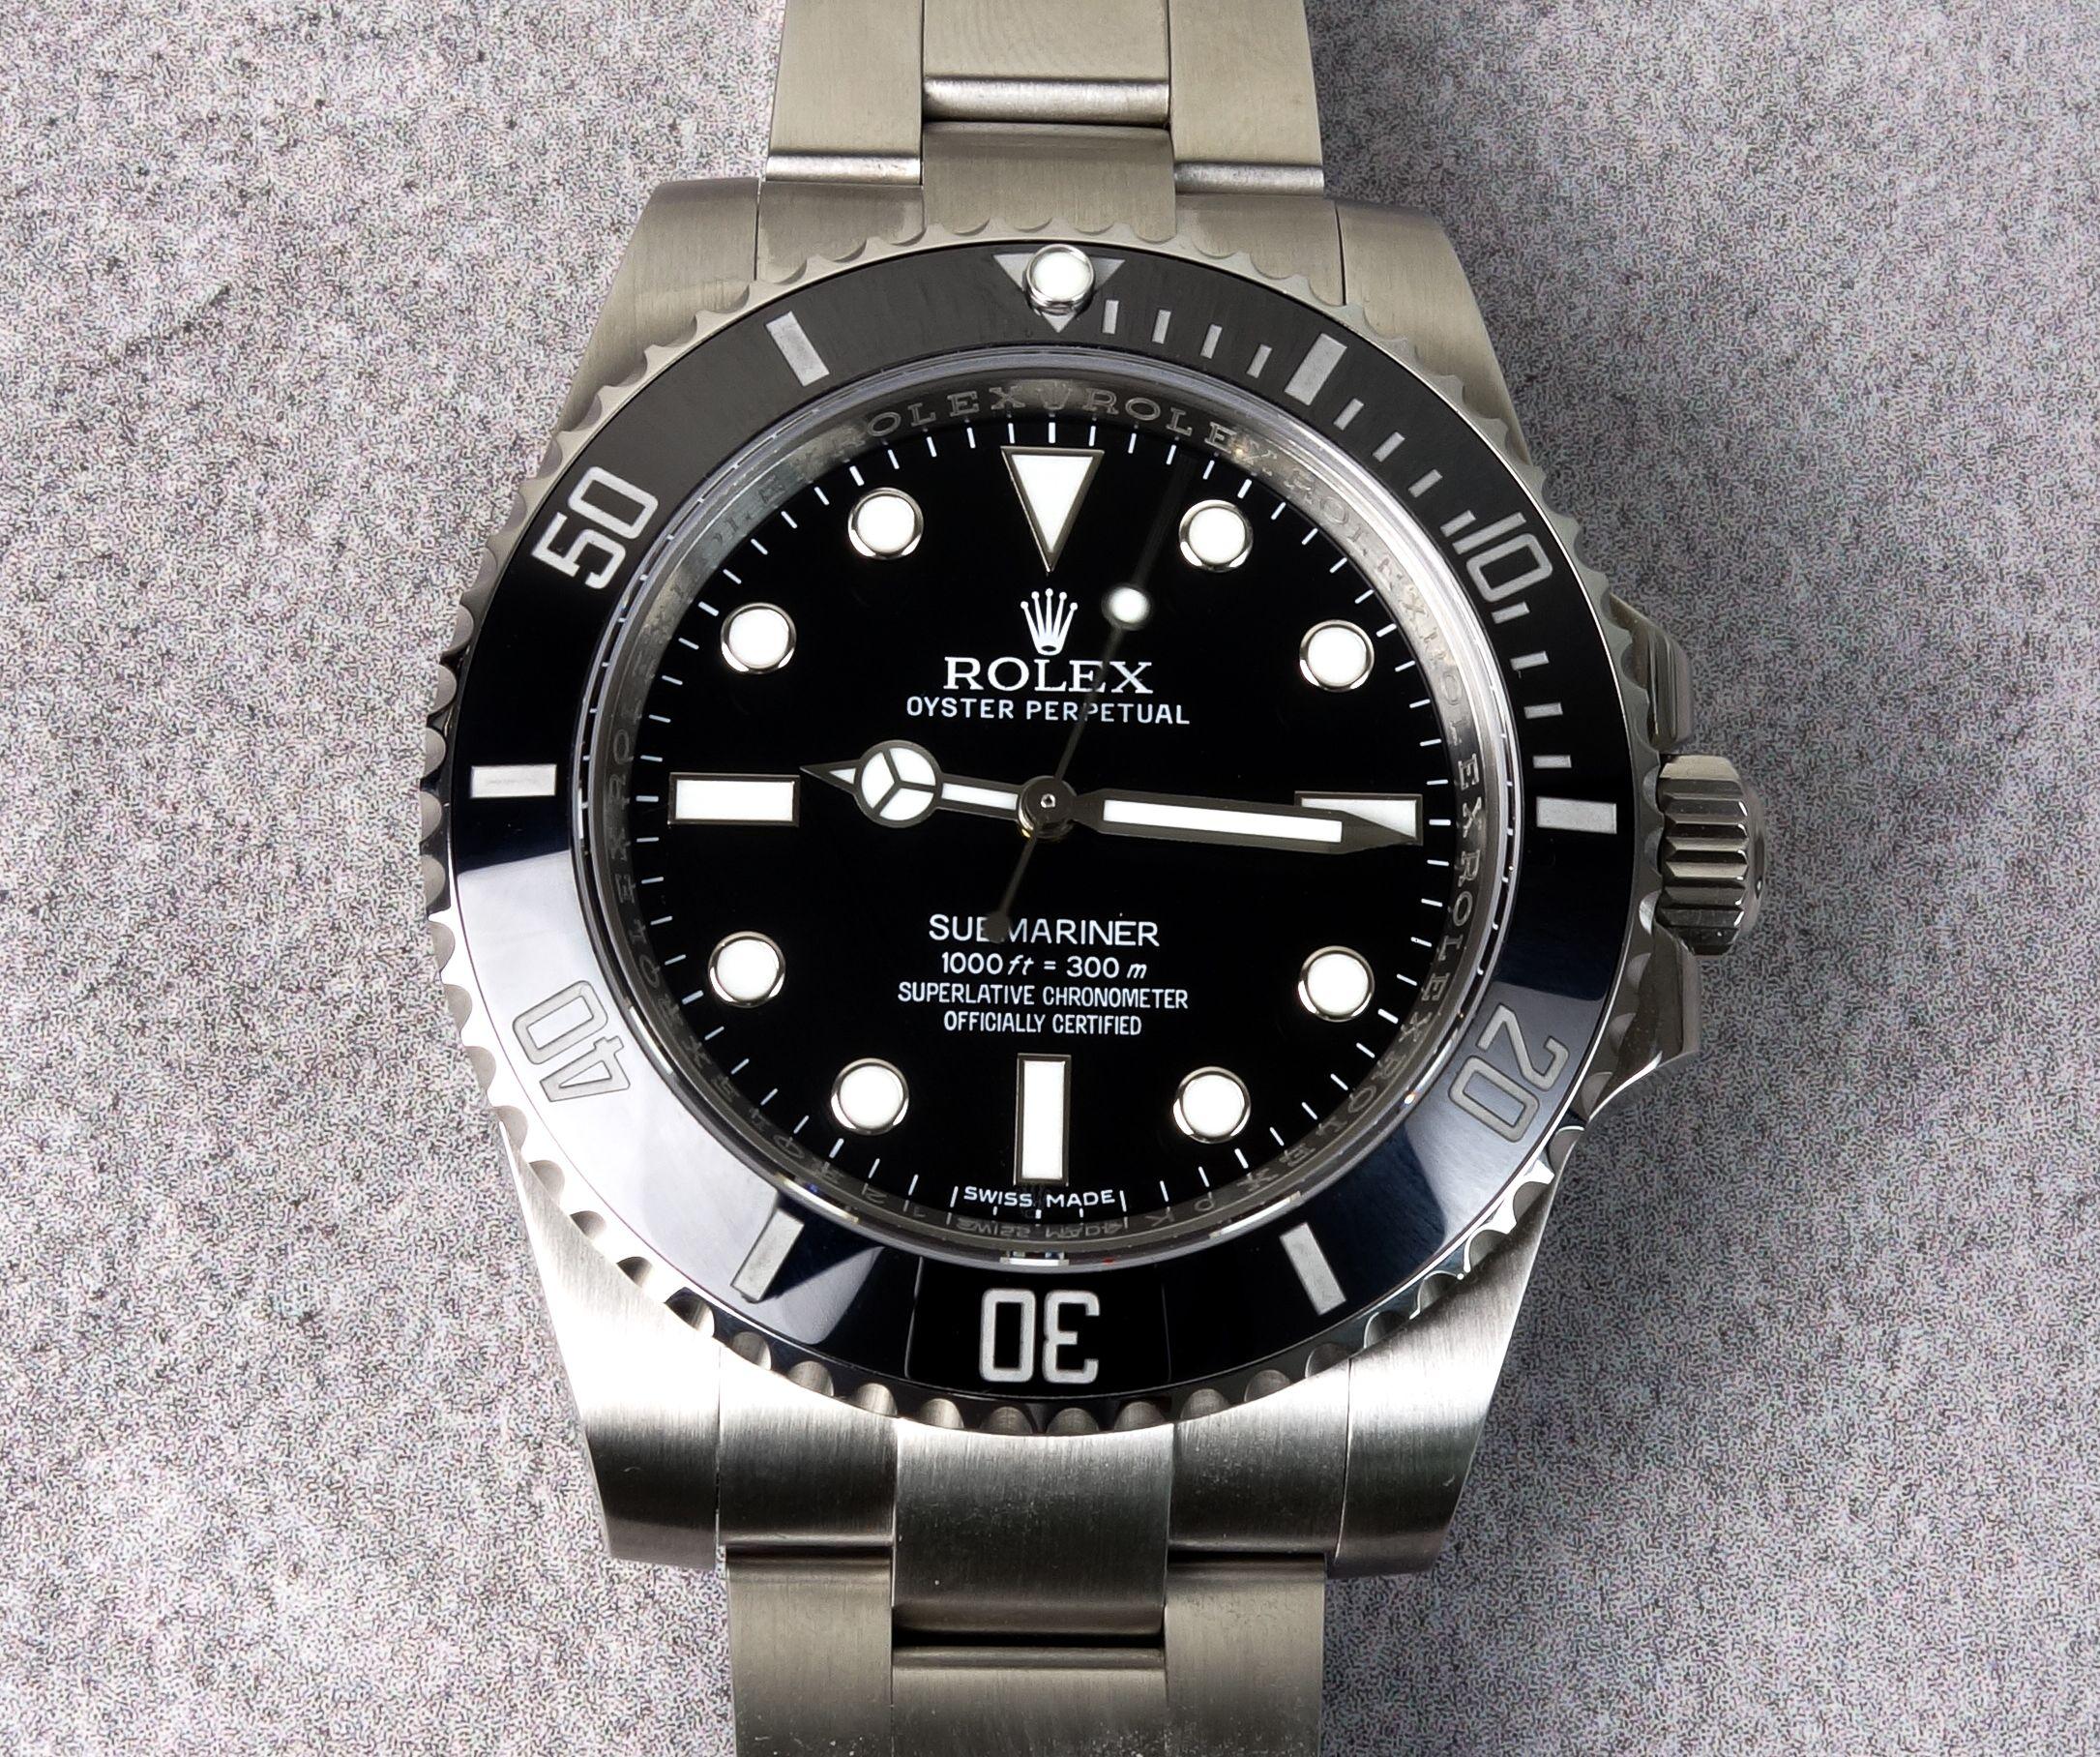 Gefälschte Rolex Submariner Noob v7 Replica